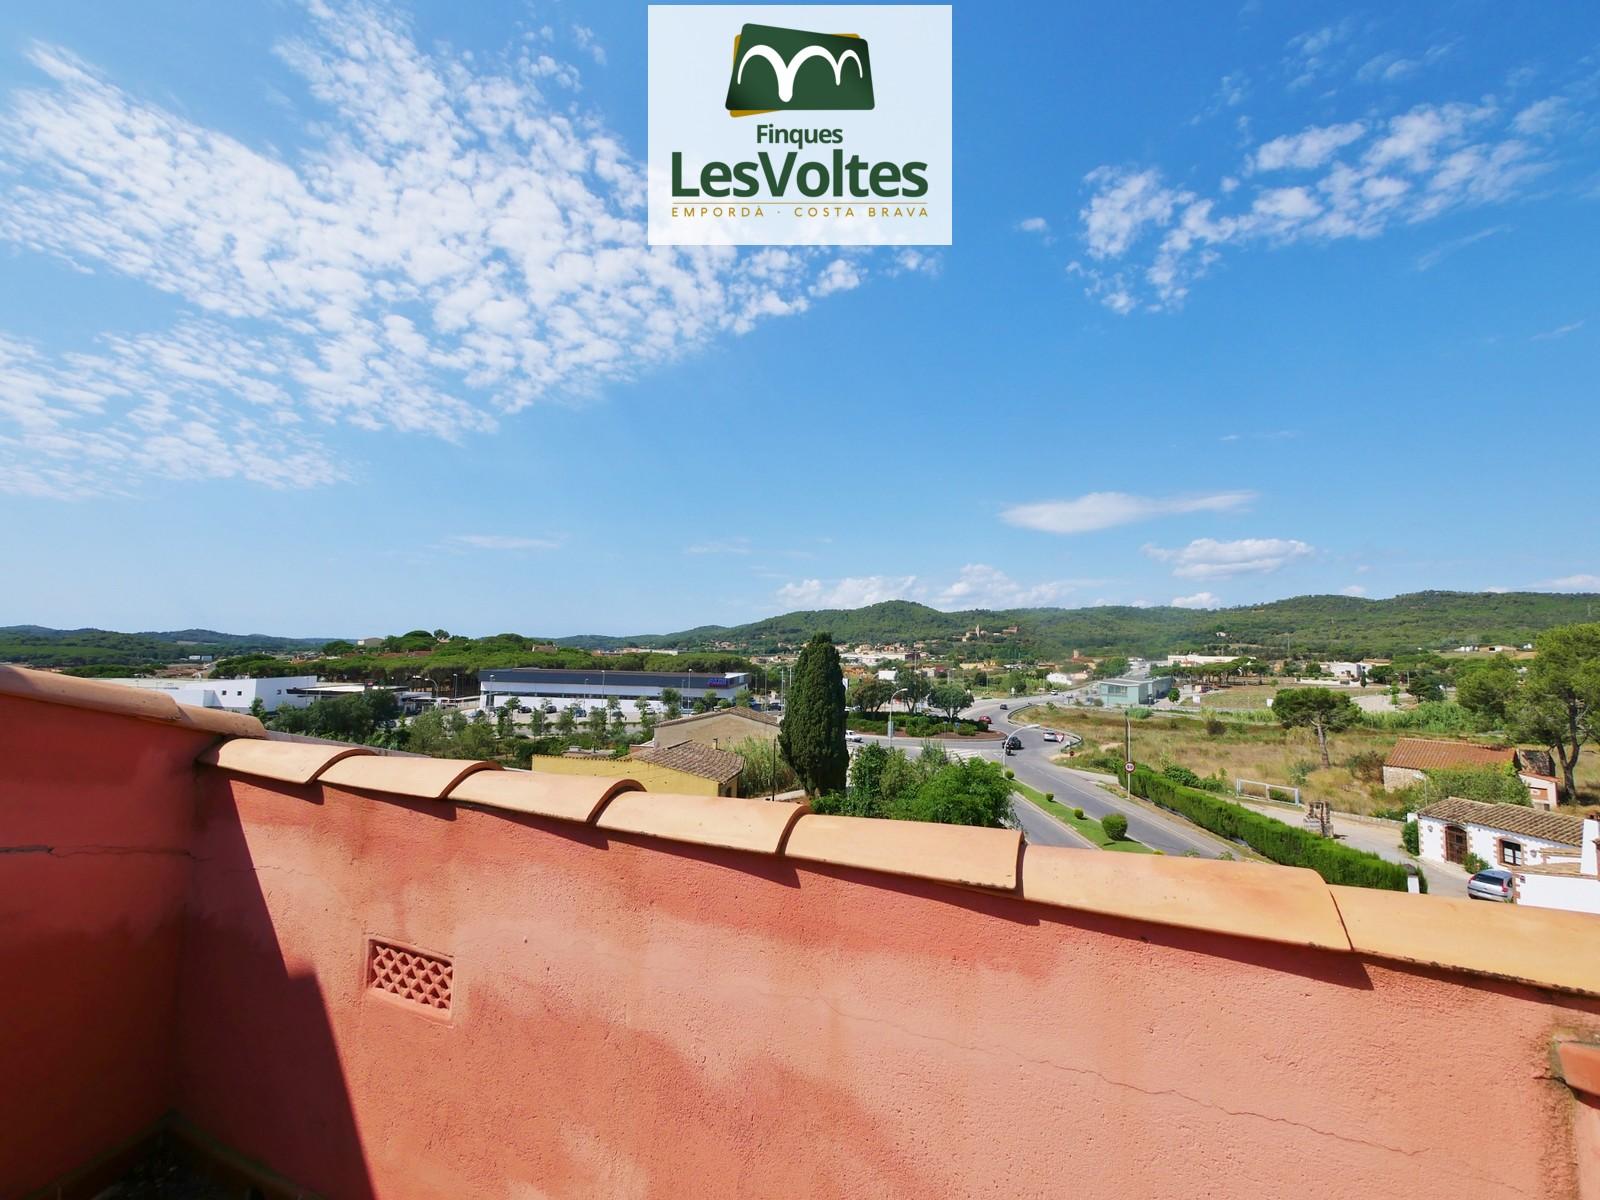 Àtic dúplex amb terrassa en venda a Palafrugell. Situat en zona de fàcil accés i ben comunicada.